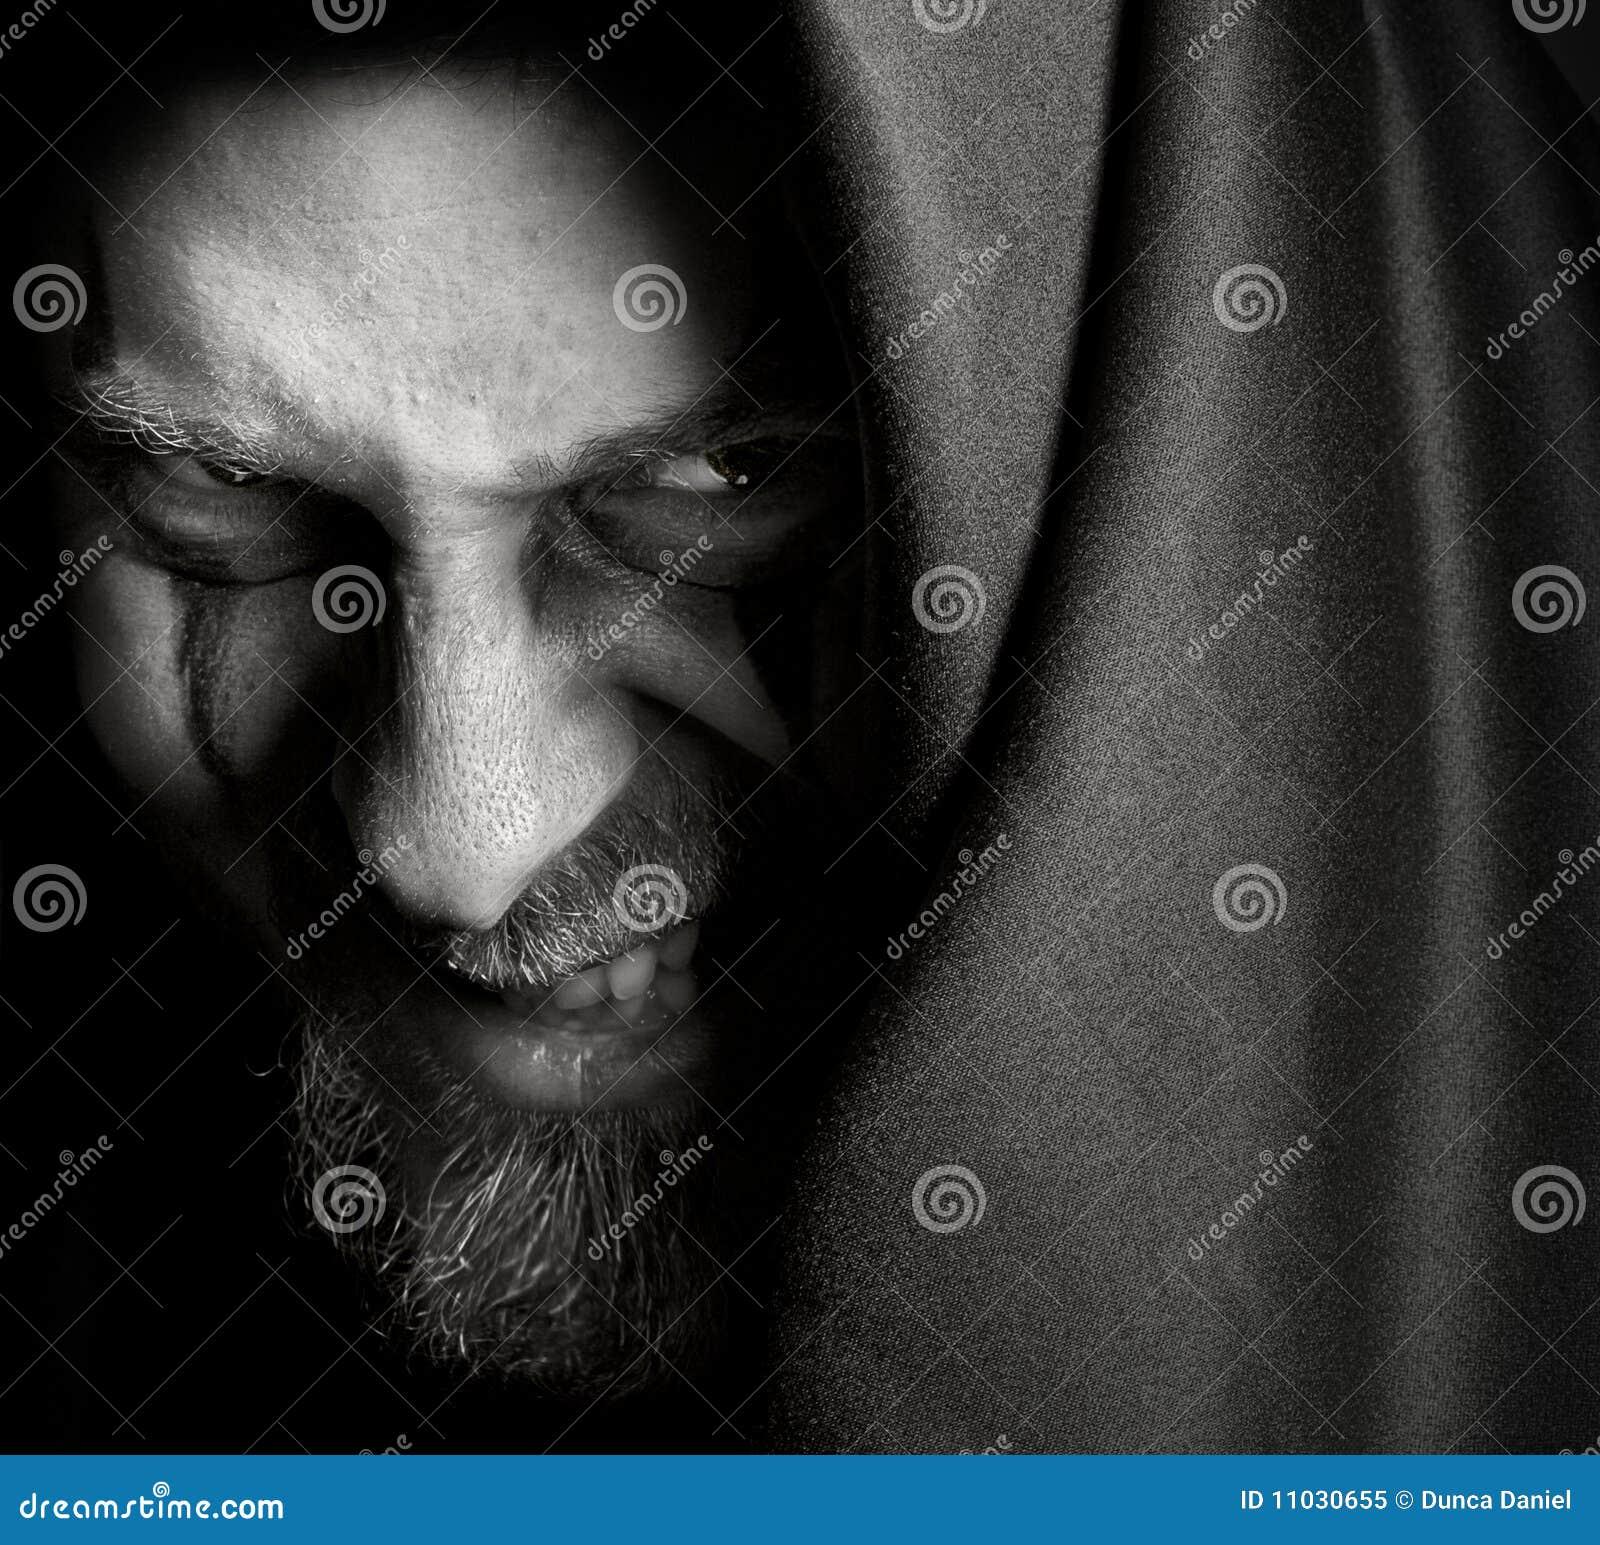 Hombre siniestro malvado con mueca traviesa maléfica